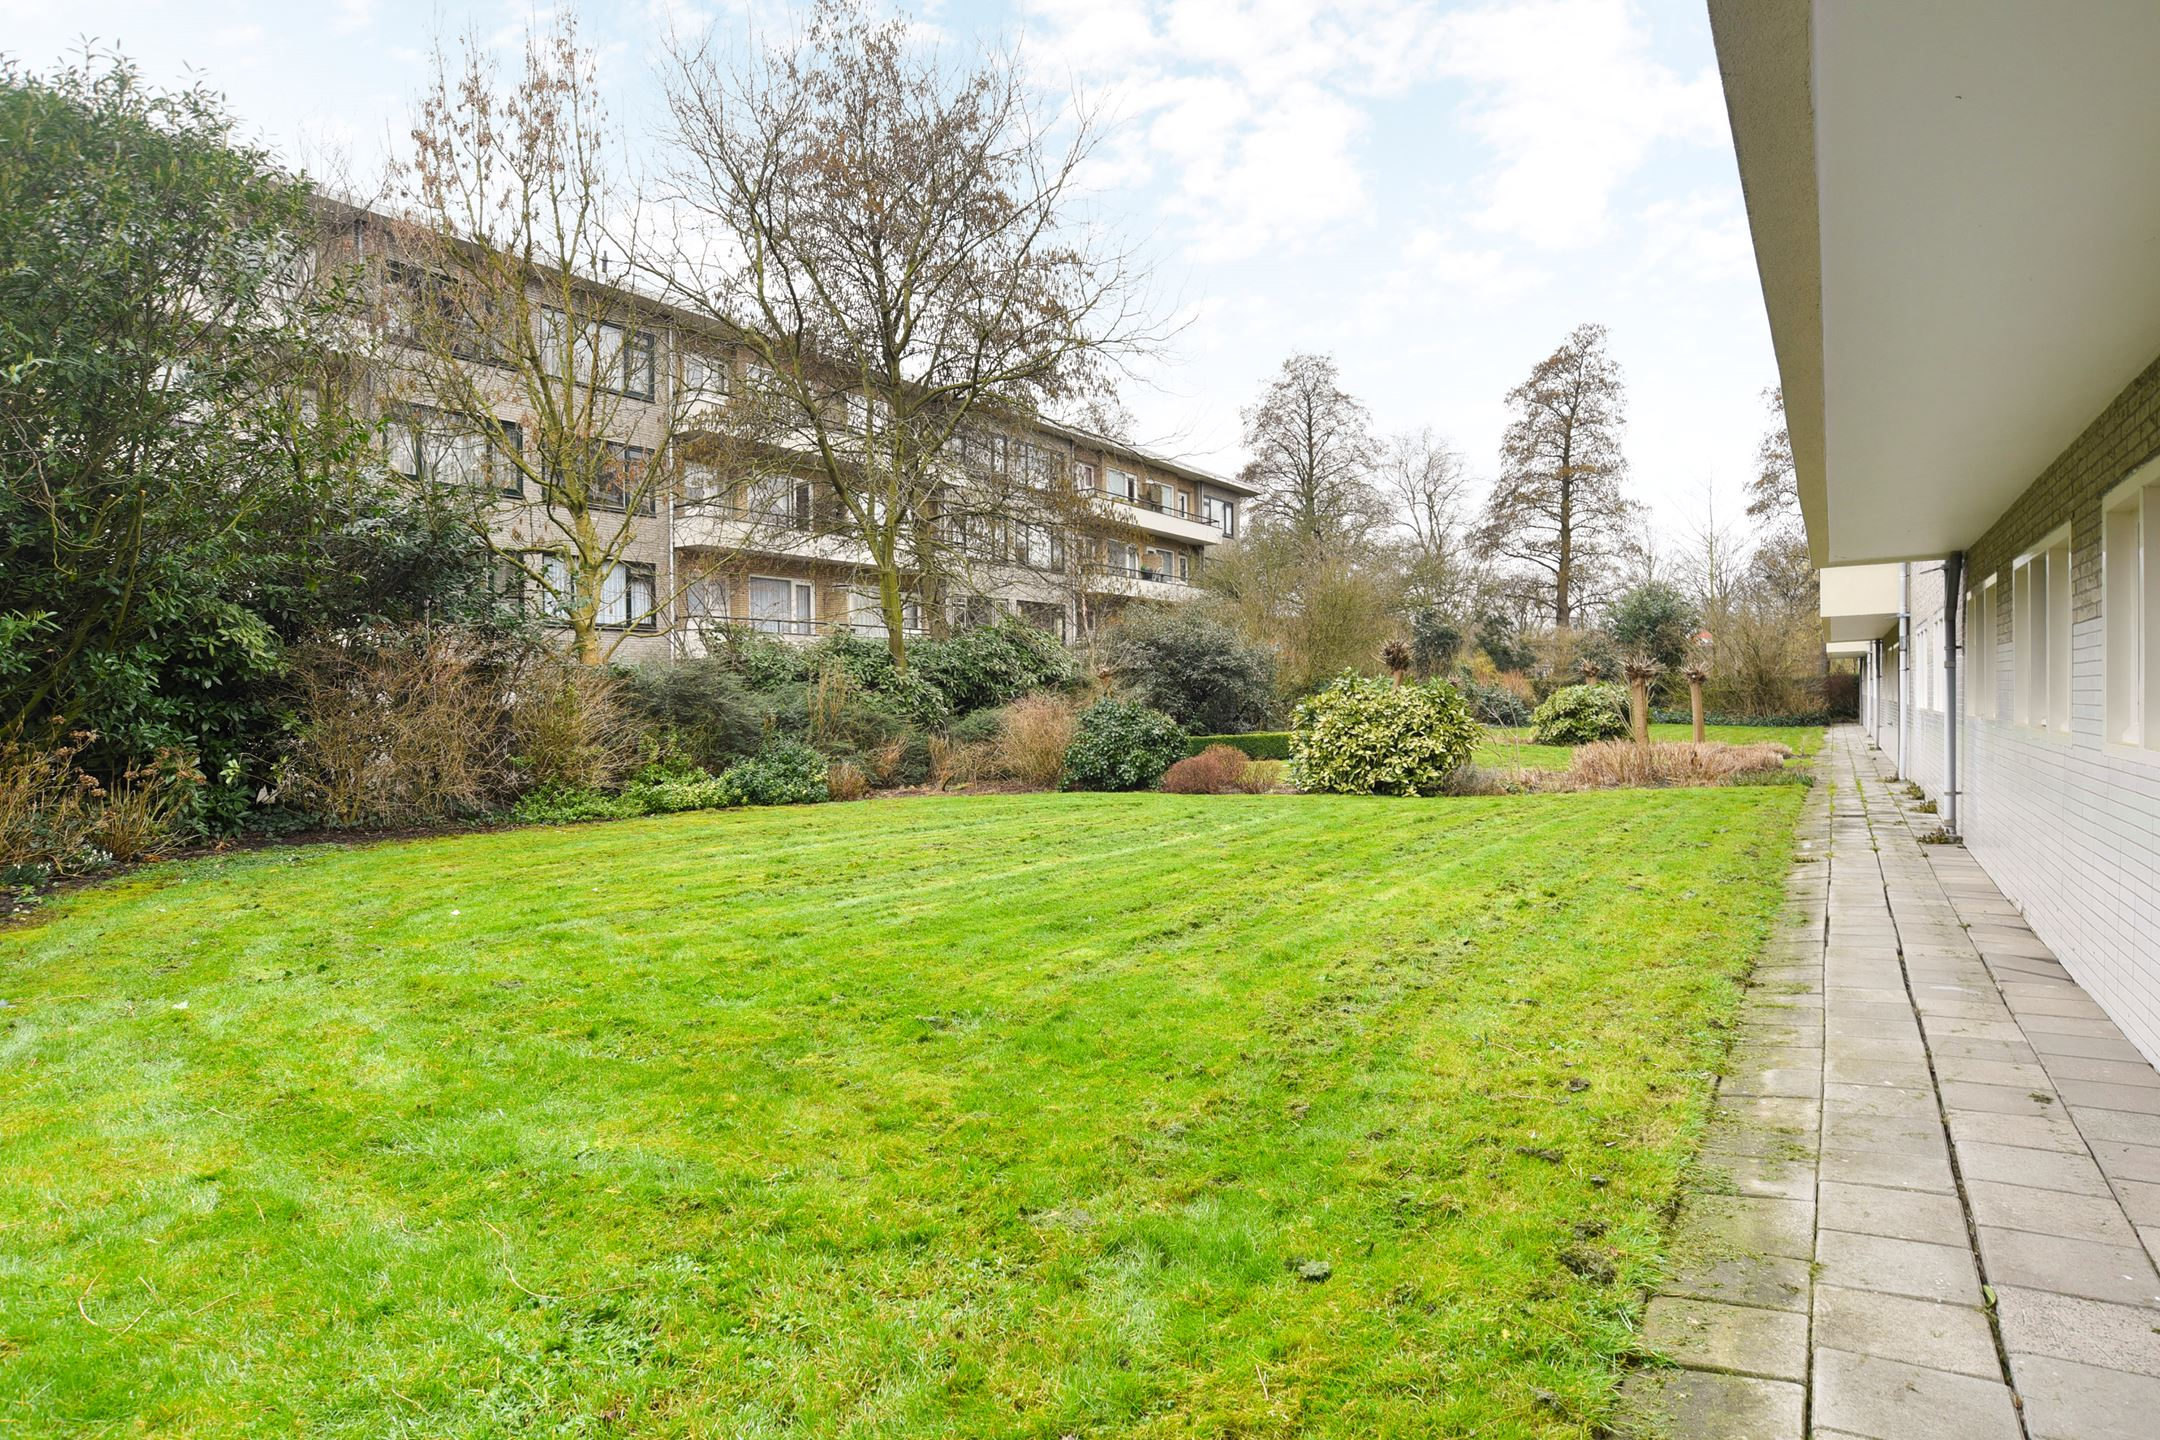 de-krim-te-zaanenkwartier-haarlem-noord-tuin-flats